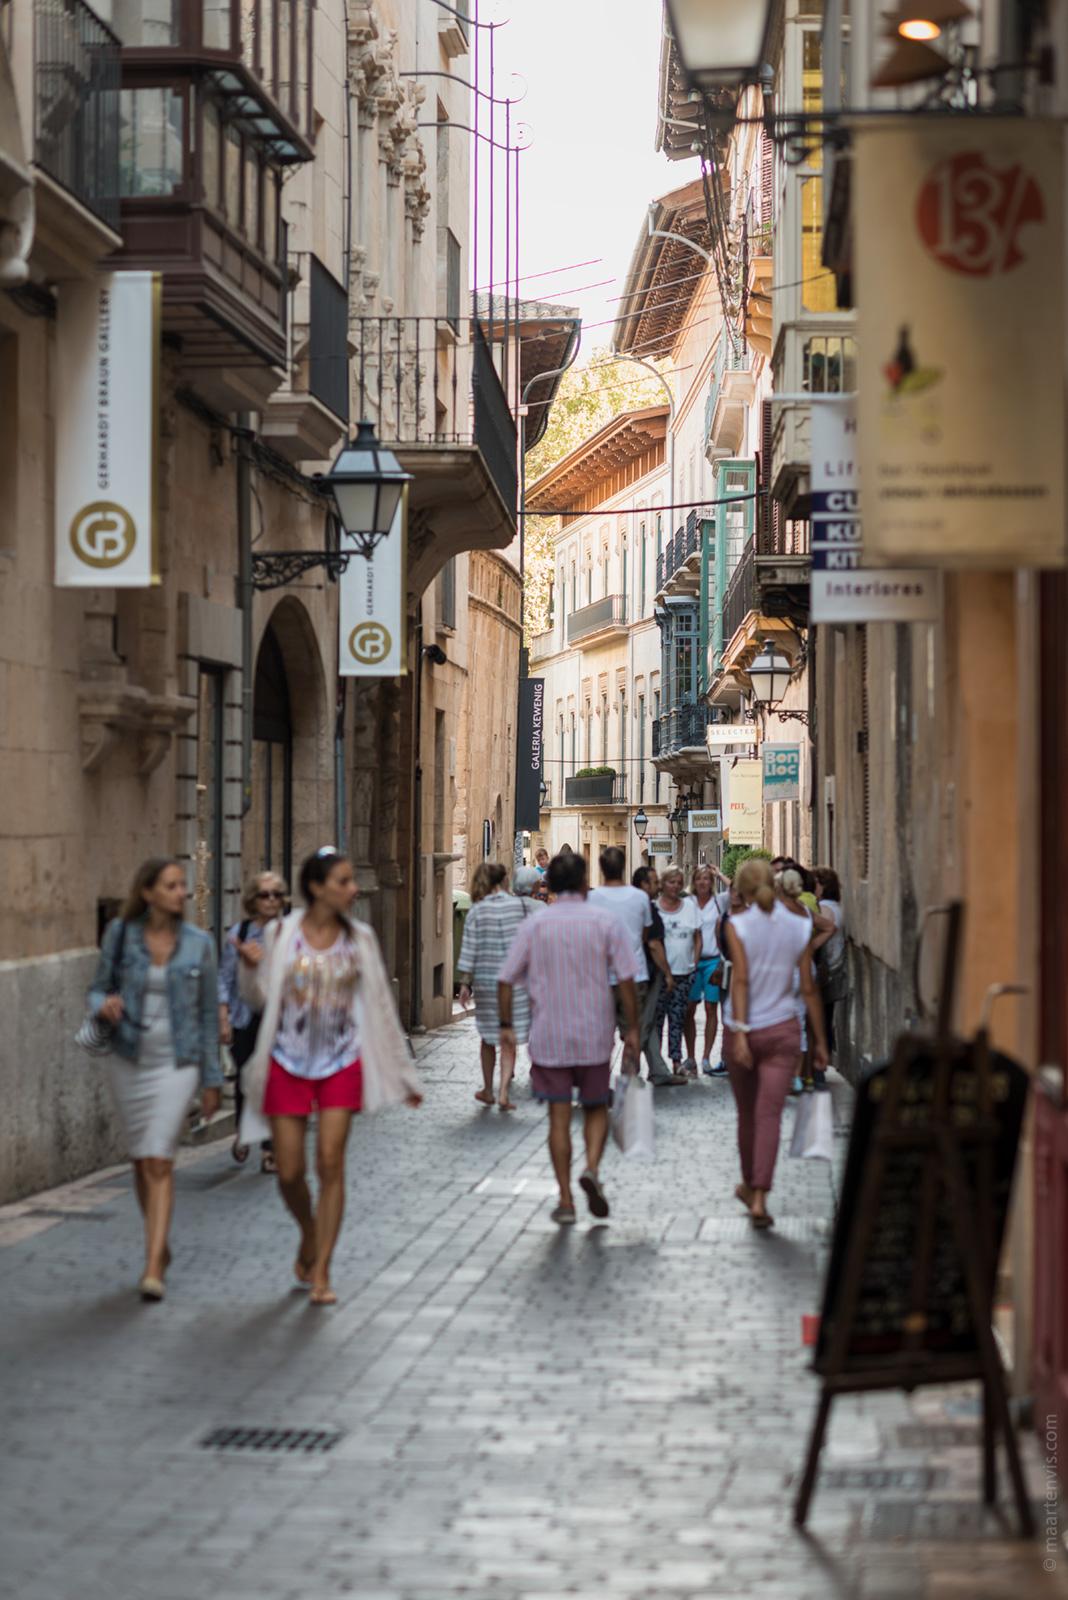 20161001 3183 - Palma de Mallorca